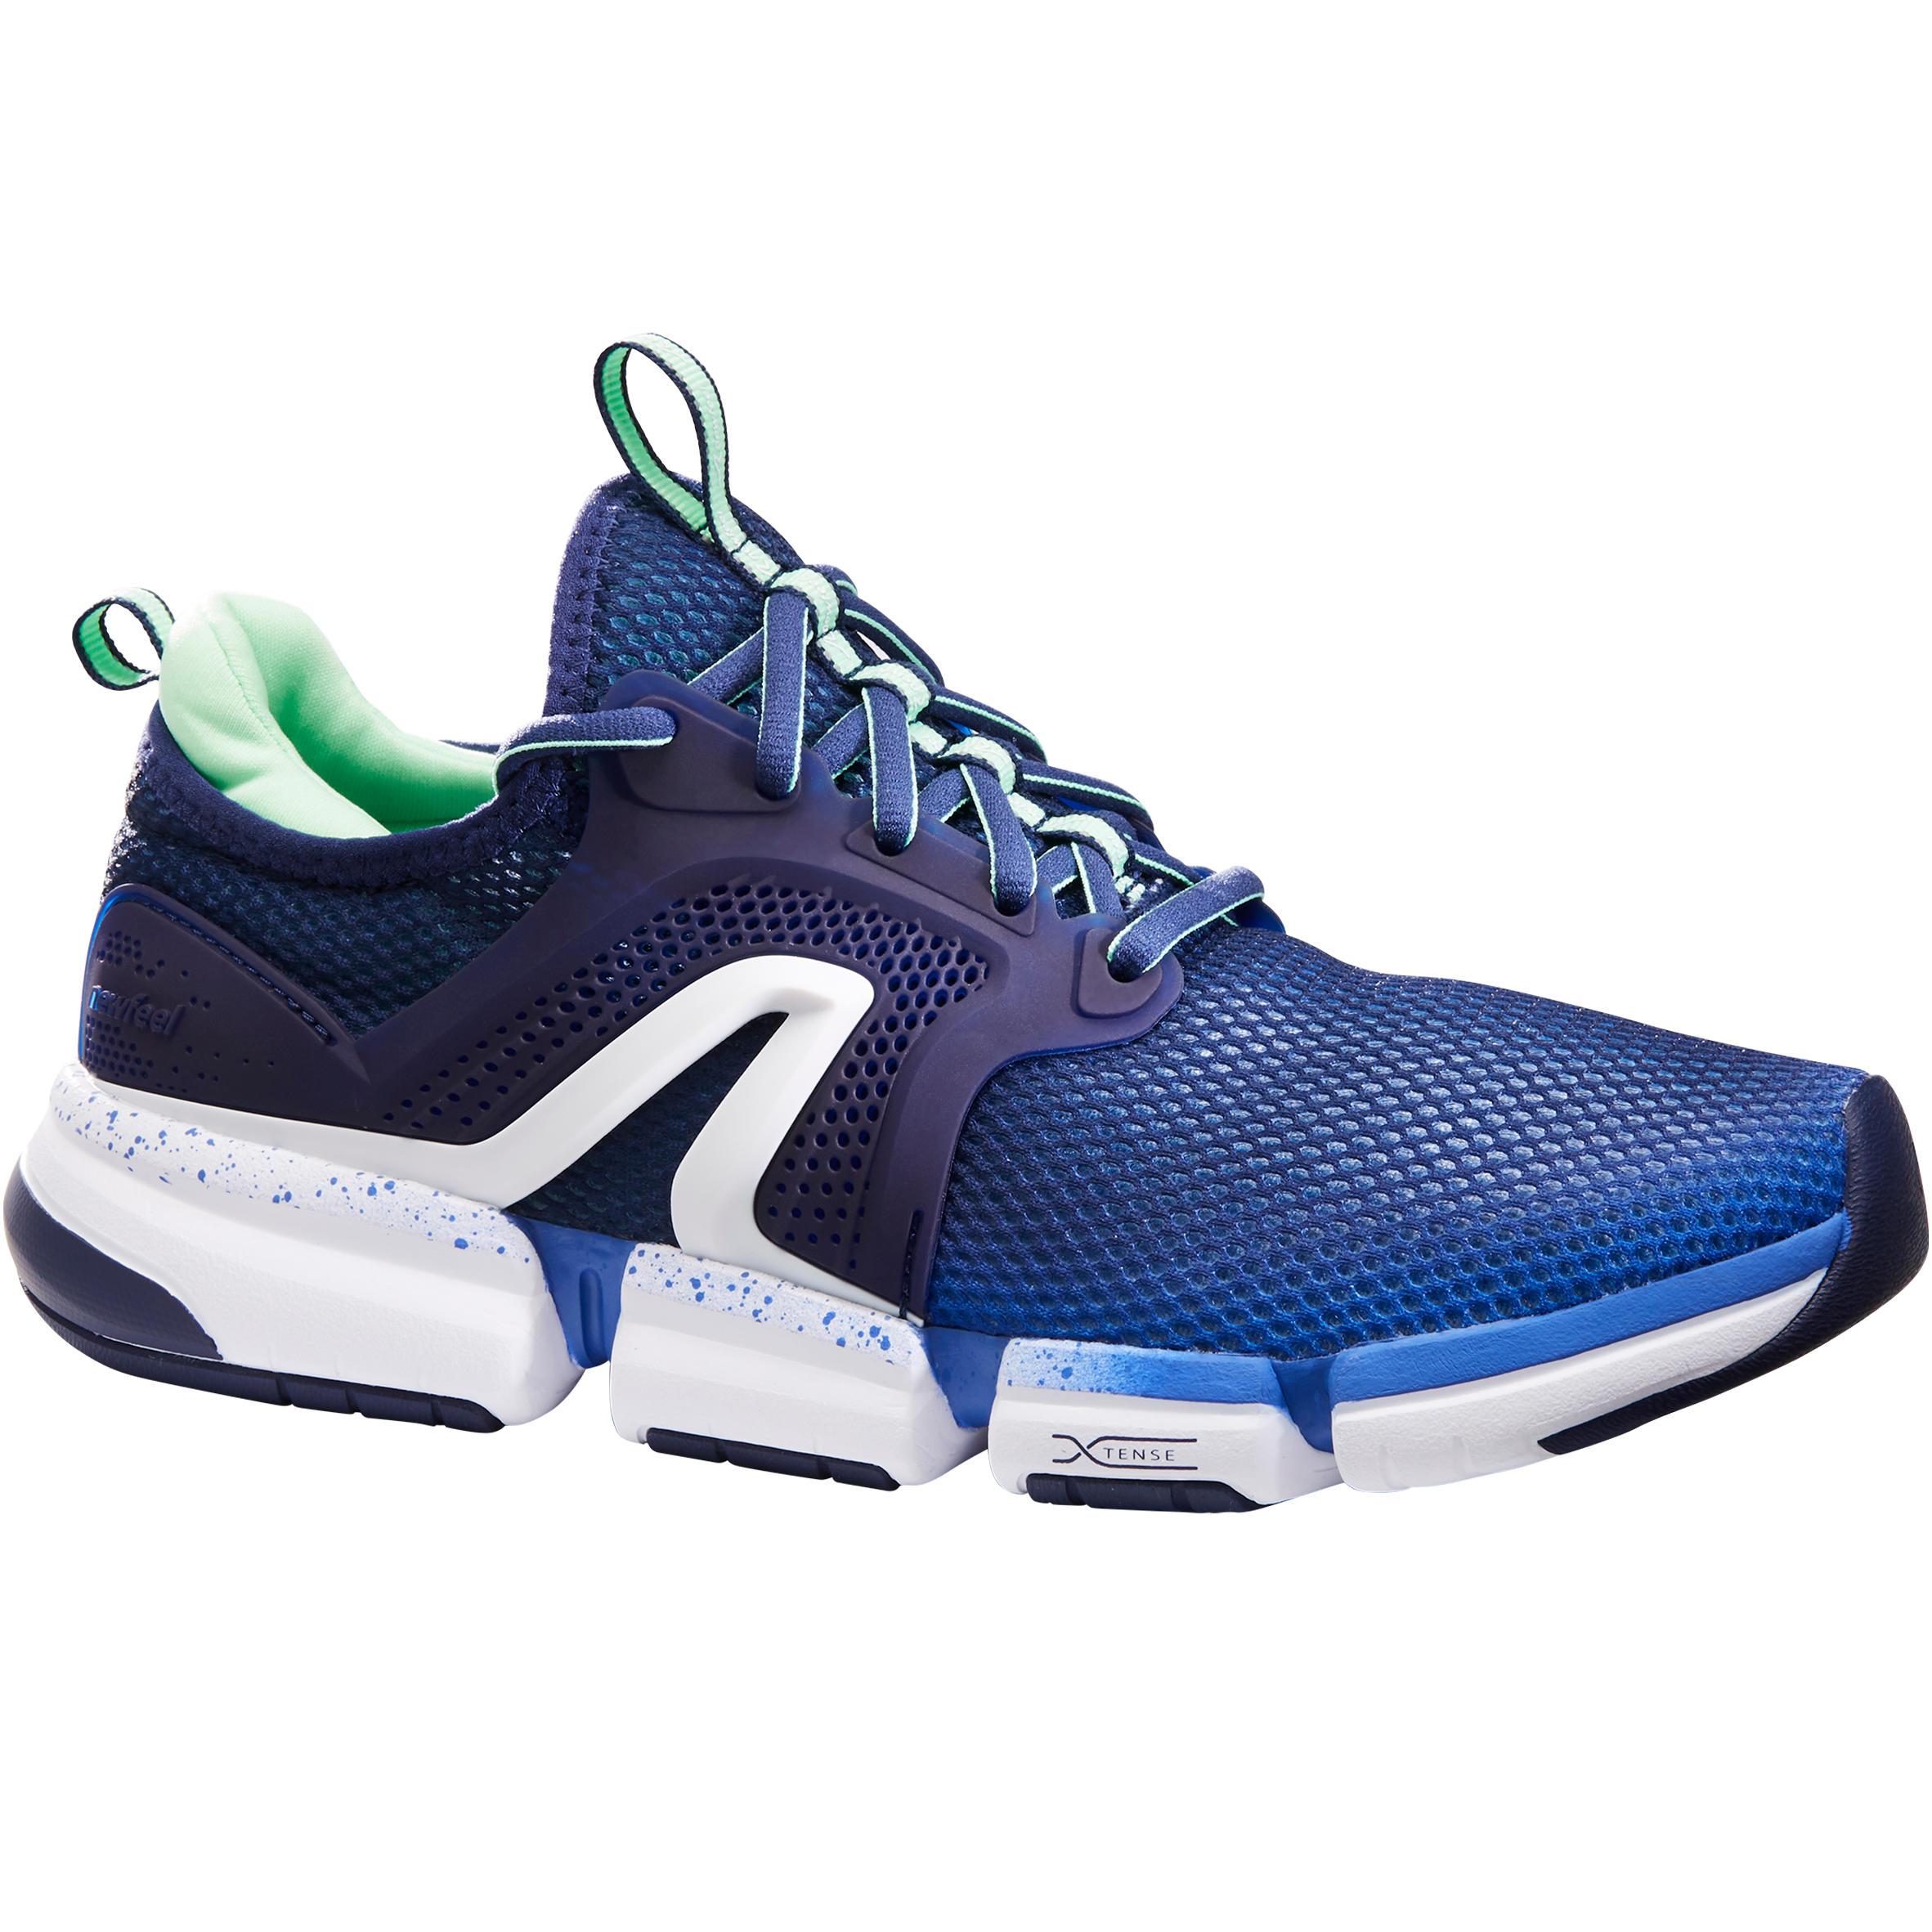 Newfeel Damessneakers voor sportief wandelen PW 590 Xtense